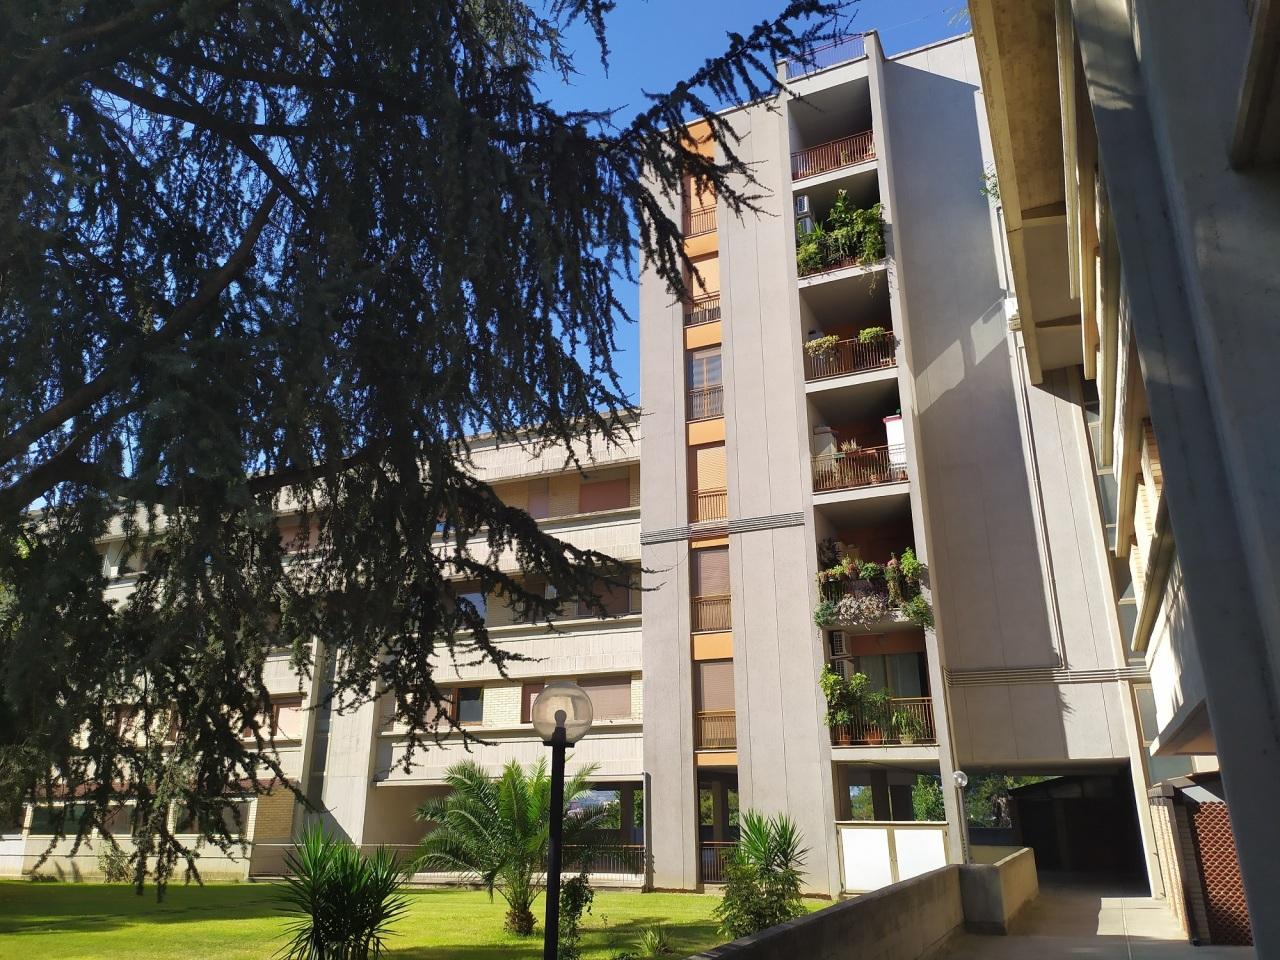 Appartamento in vendita a Chieti, 6 locali, prezzo € 135.000 | PortaleAgenzieImmobiliari.it